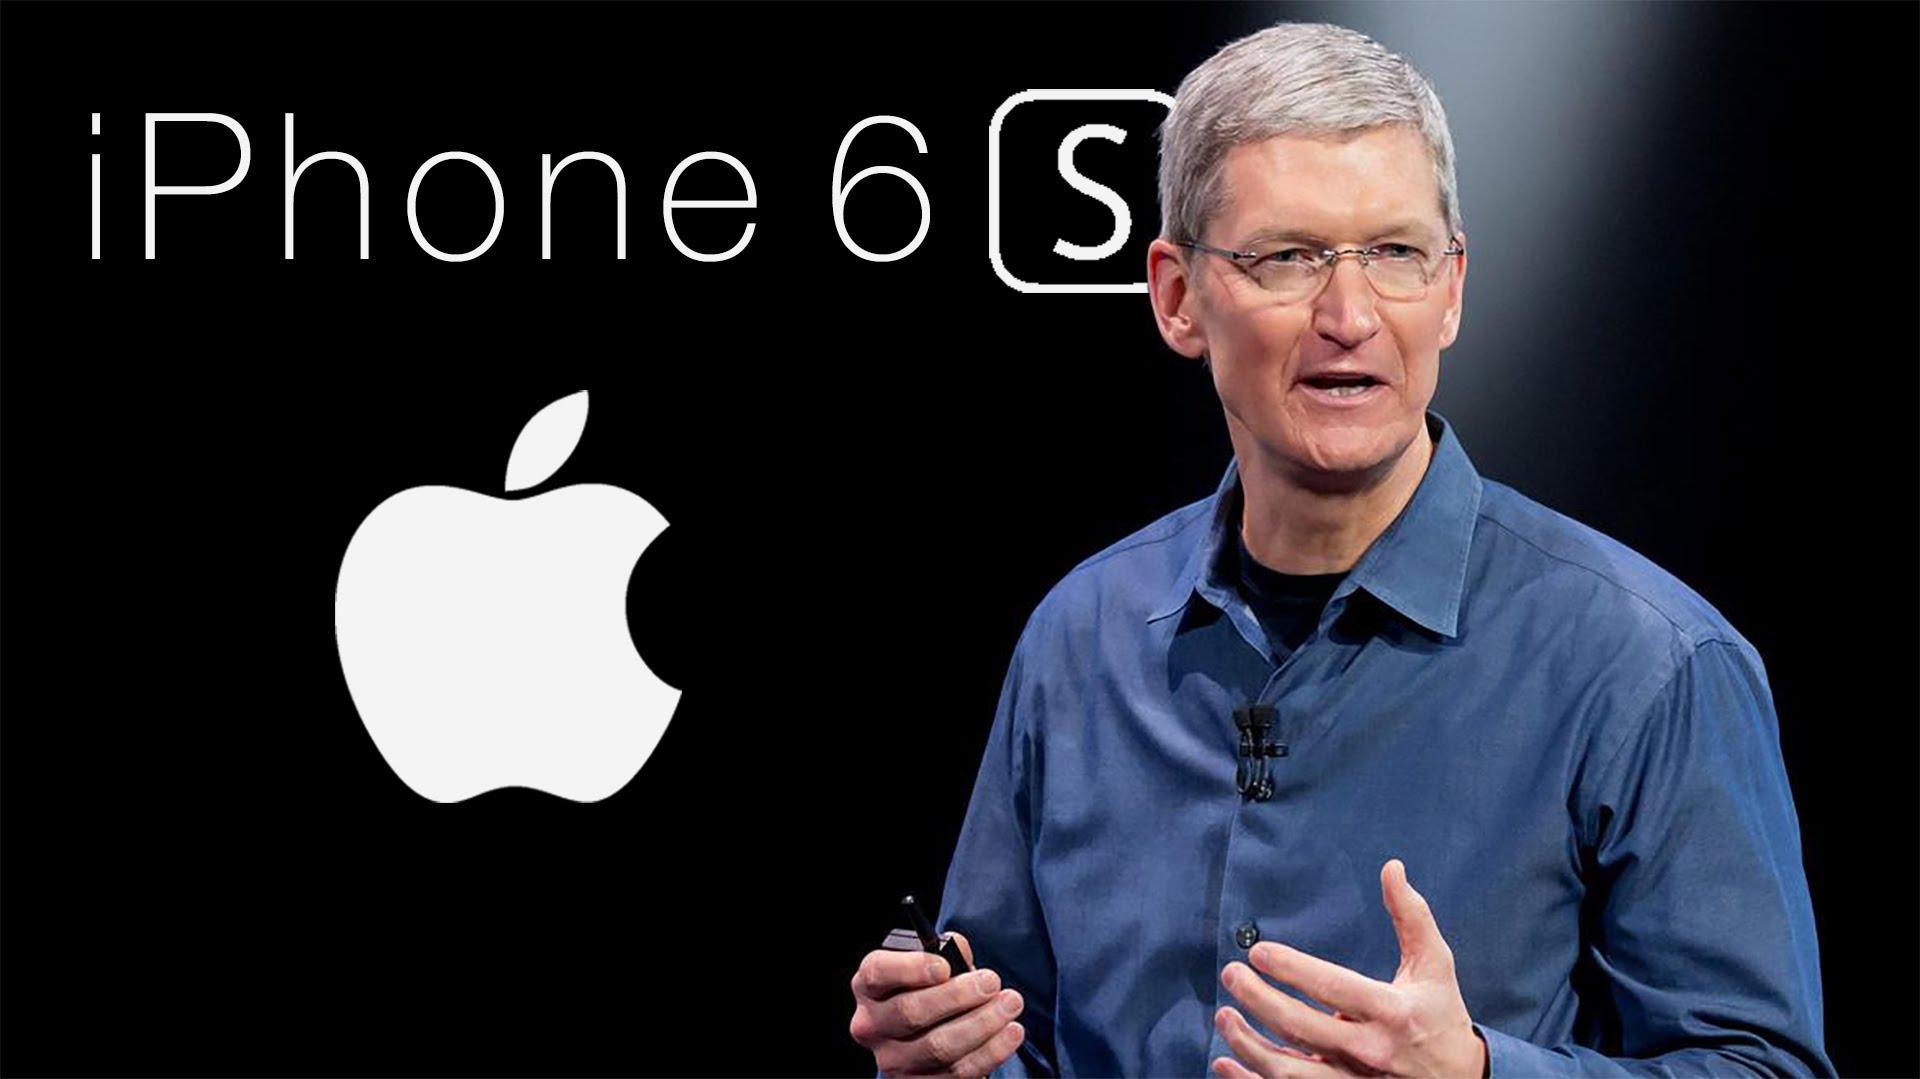 Apple's September 9 event